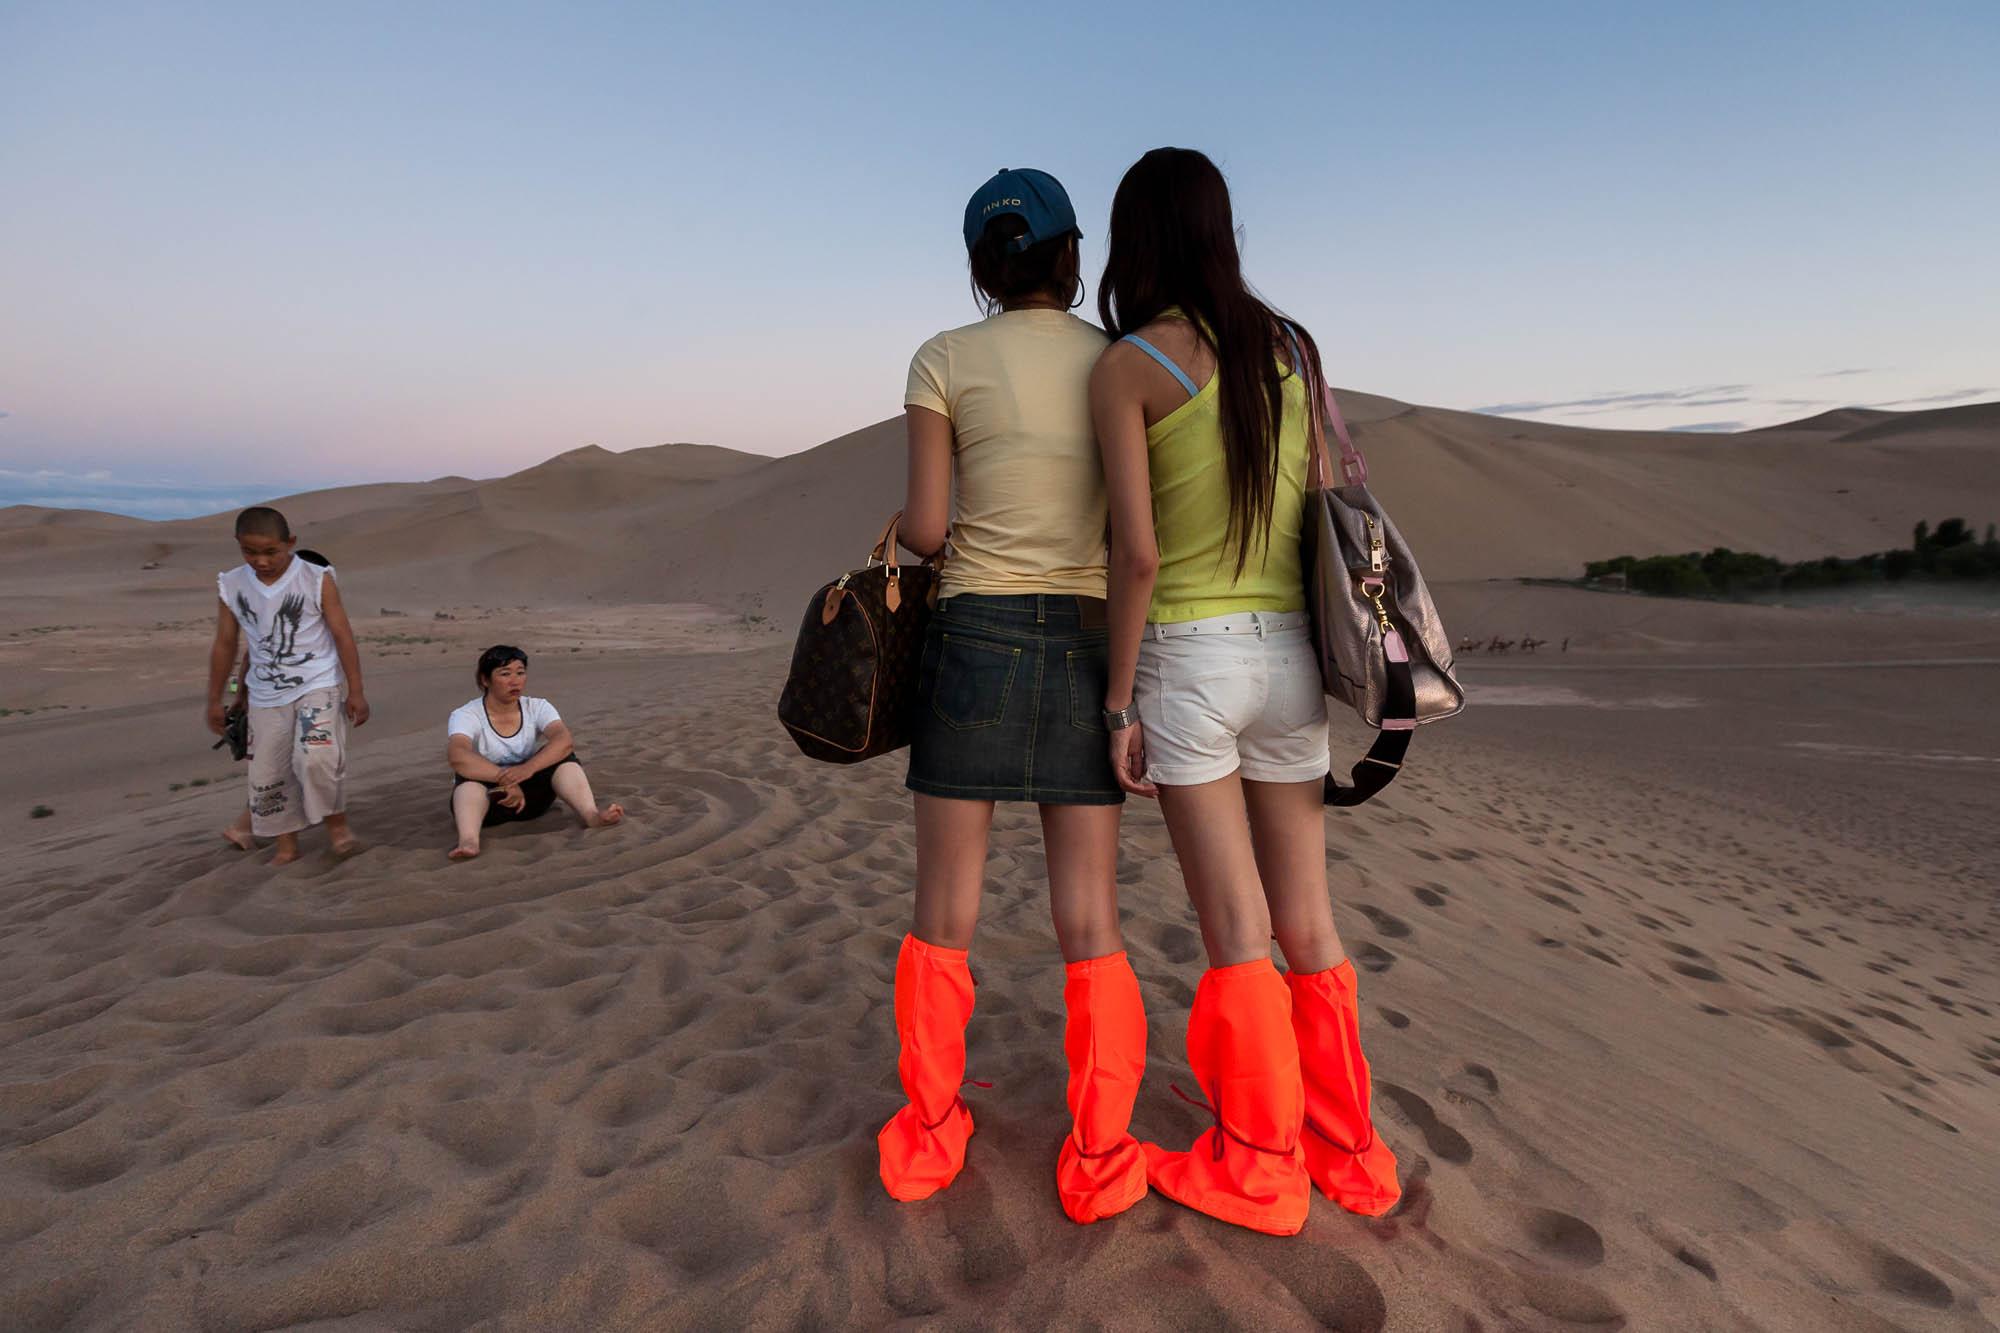 orange boot covers